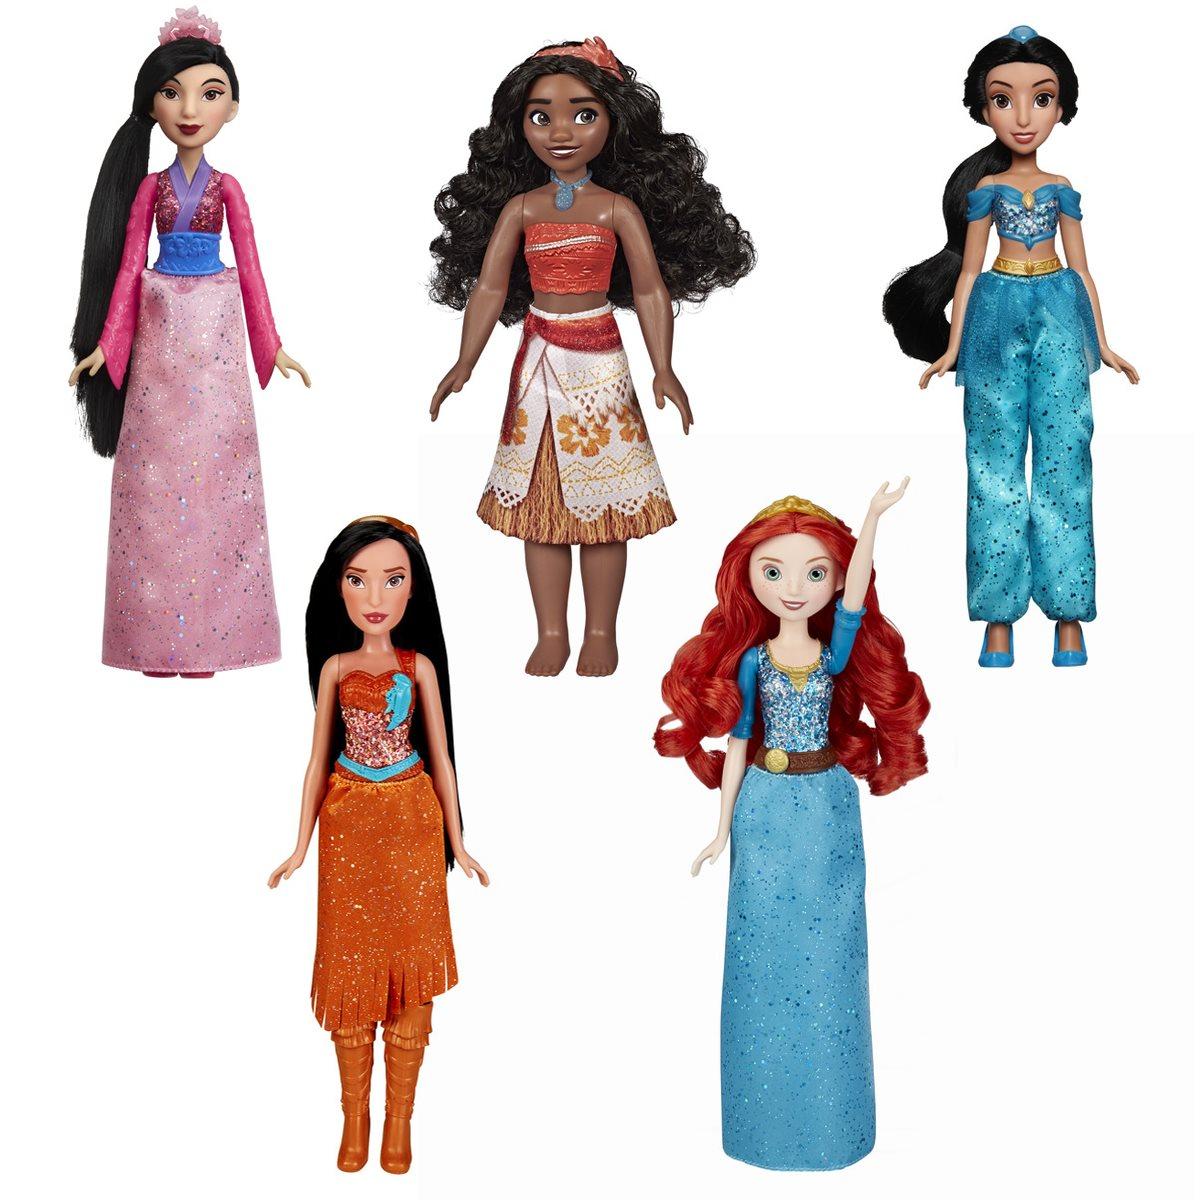 Moana Doll Disney Princess Royal Shimmer